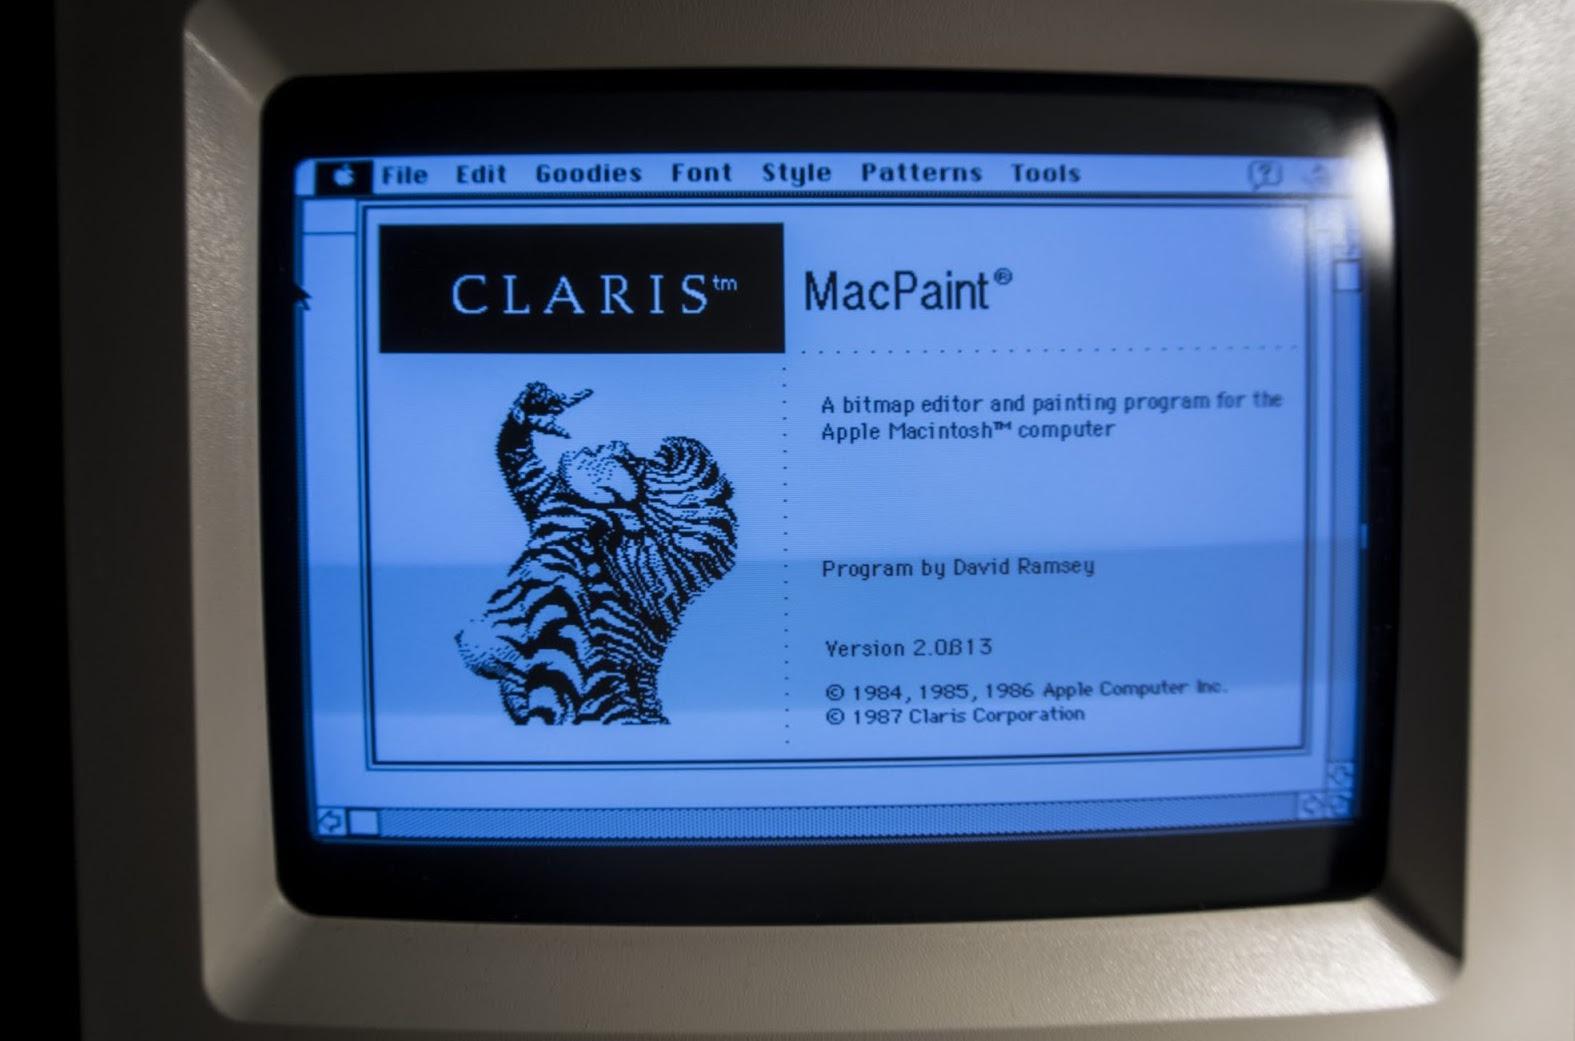 FileMaker rinasce come Claris, nuovo Ceo e nuova acquisizione